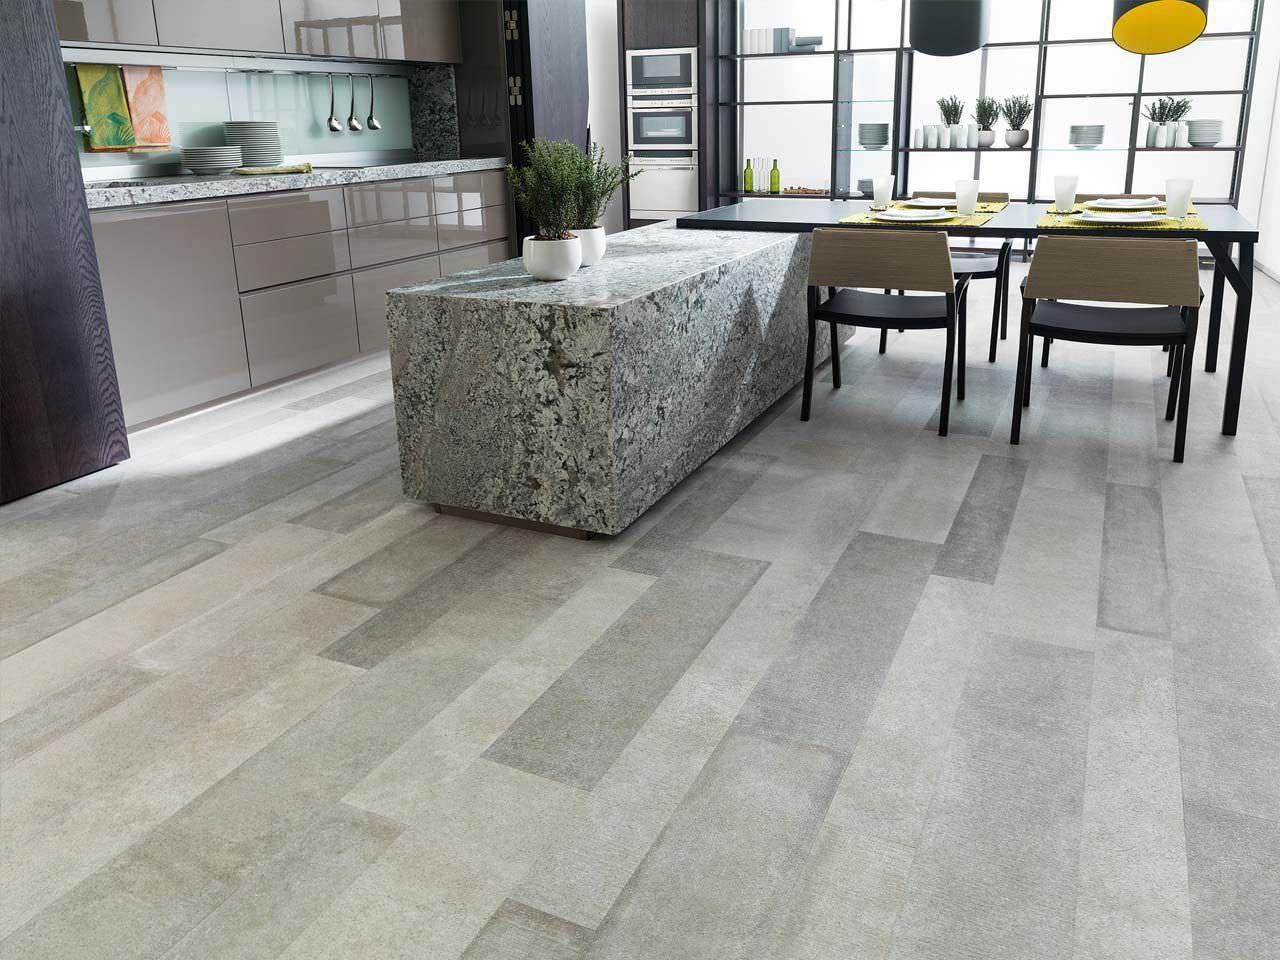 Piastrella da cucina da pavimento in gres porcellanato for Piastrelle cucina ristorante